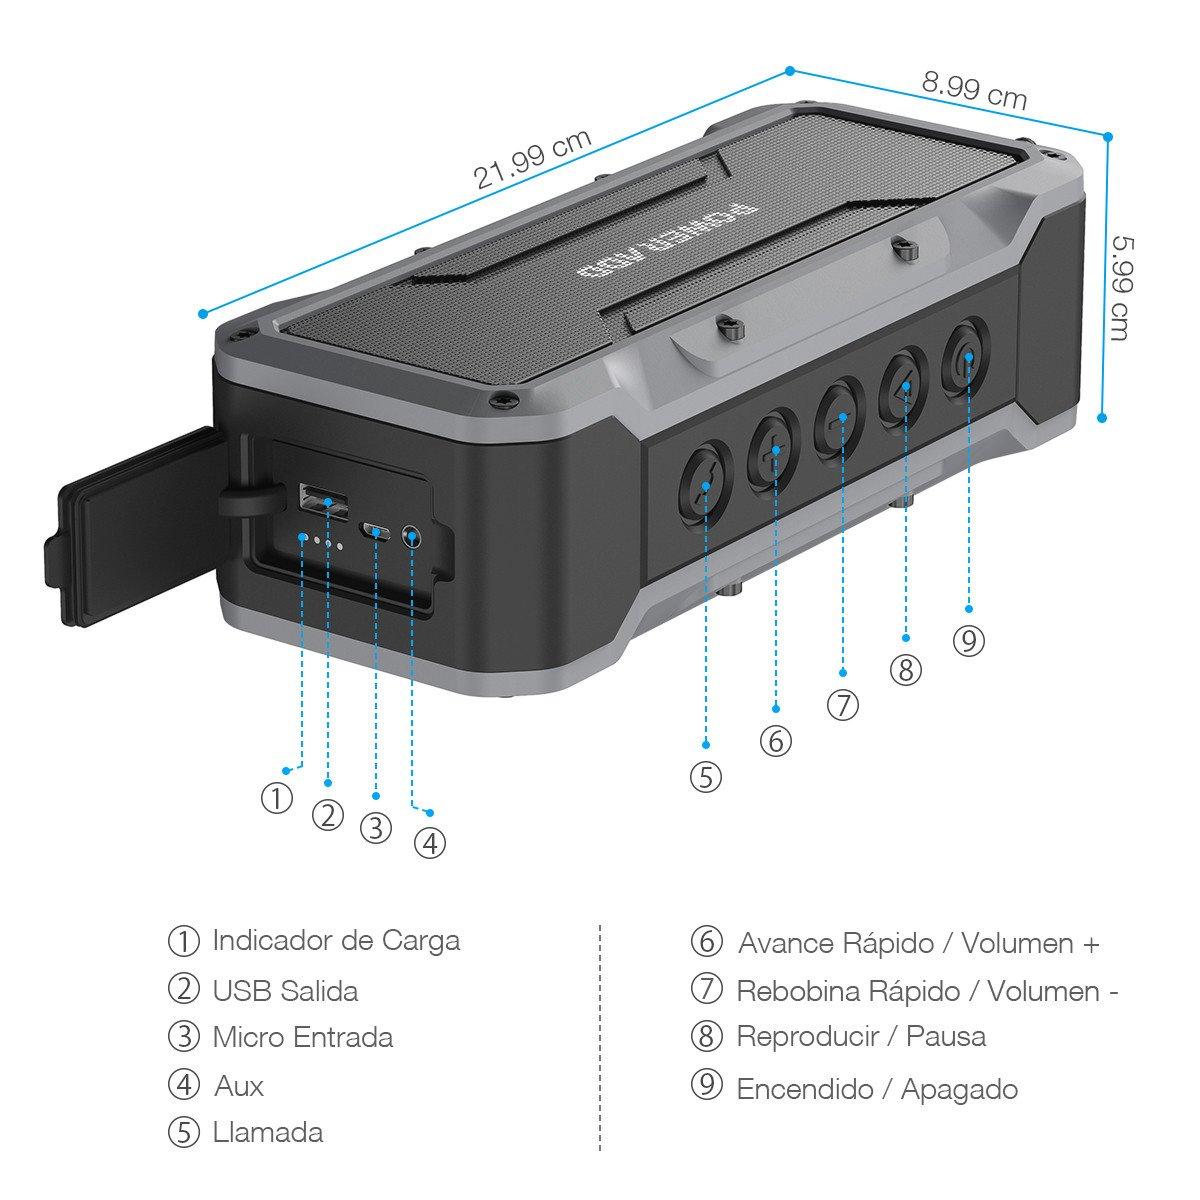 Poweradd MusicFly Altavoz Bluetooth Portátil con Impermeable IPX7, Sonido Potente 36W con Batería con 4000mAh, Altavoz Inálambrico para Viaje, Bluetooth 4.2 Con Aux Cable.